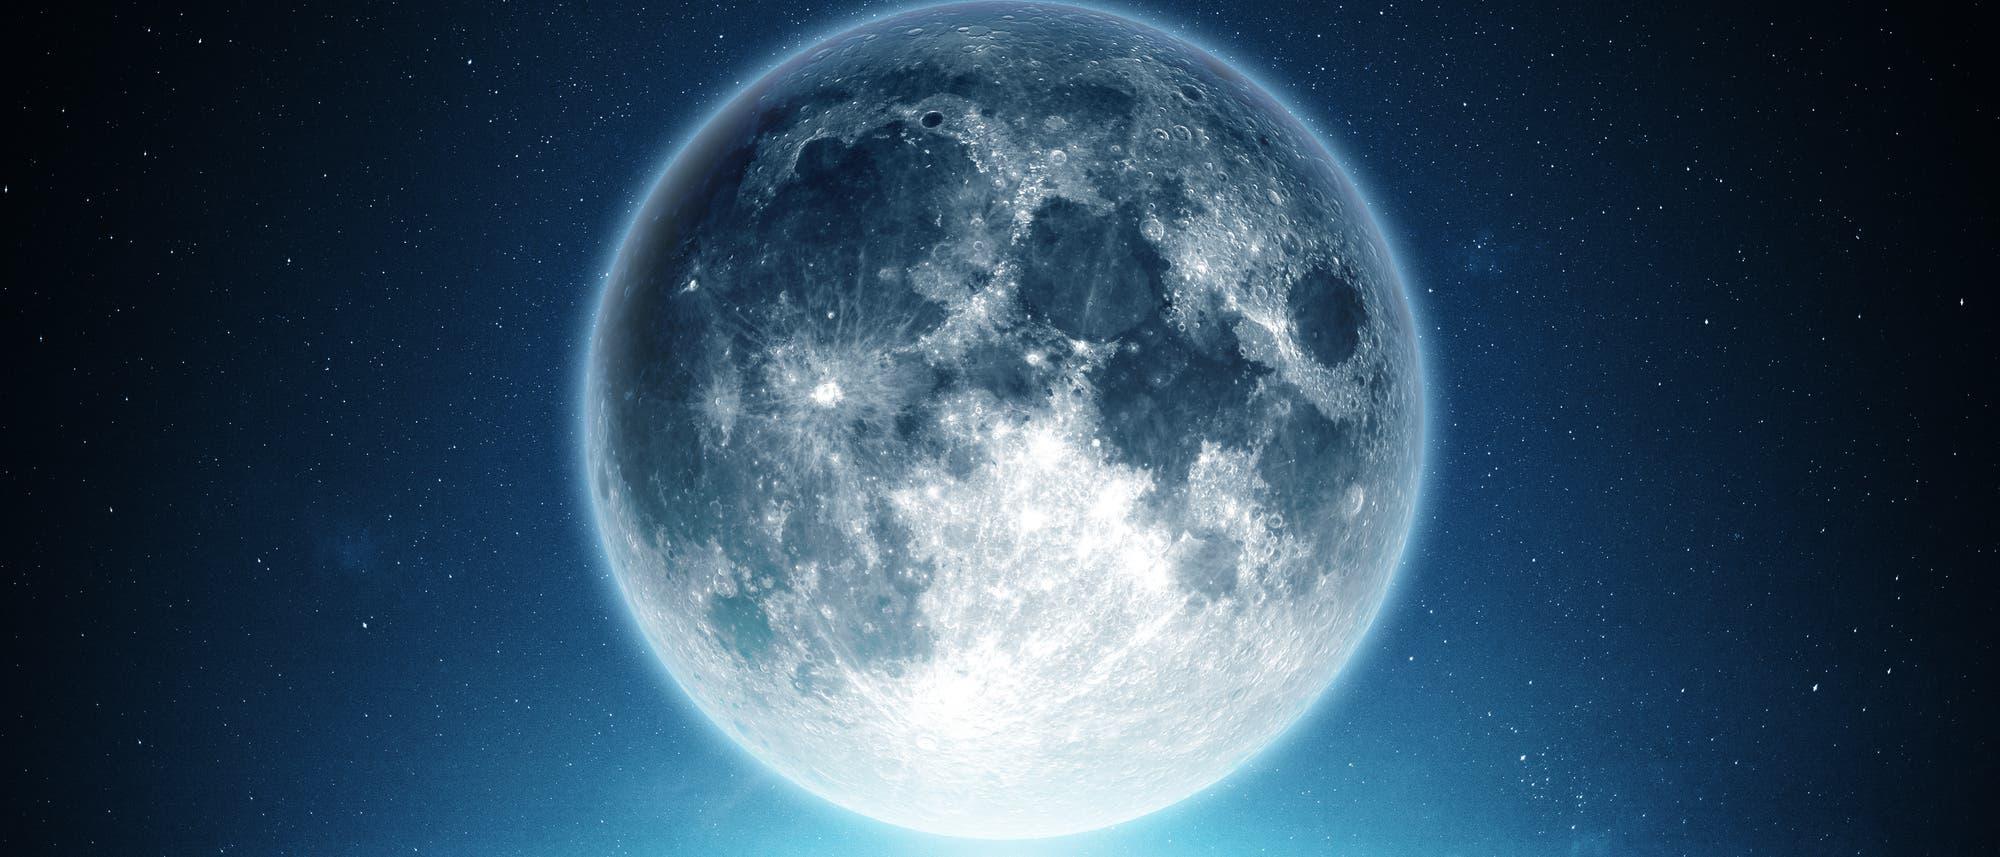 Der Mond über einem Berggipfel. Ich bezweifle, dass das Bild echt ist.